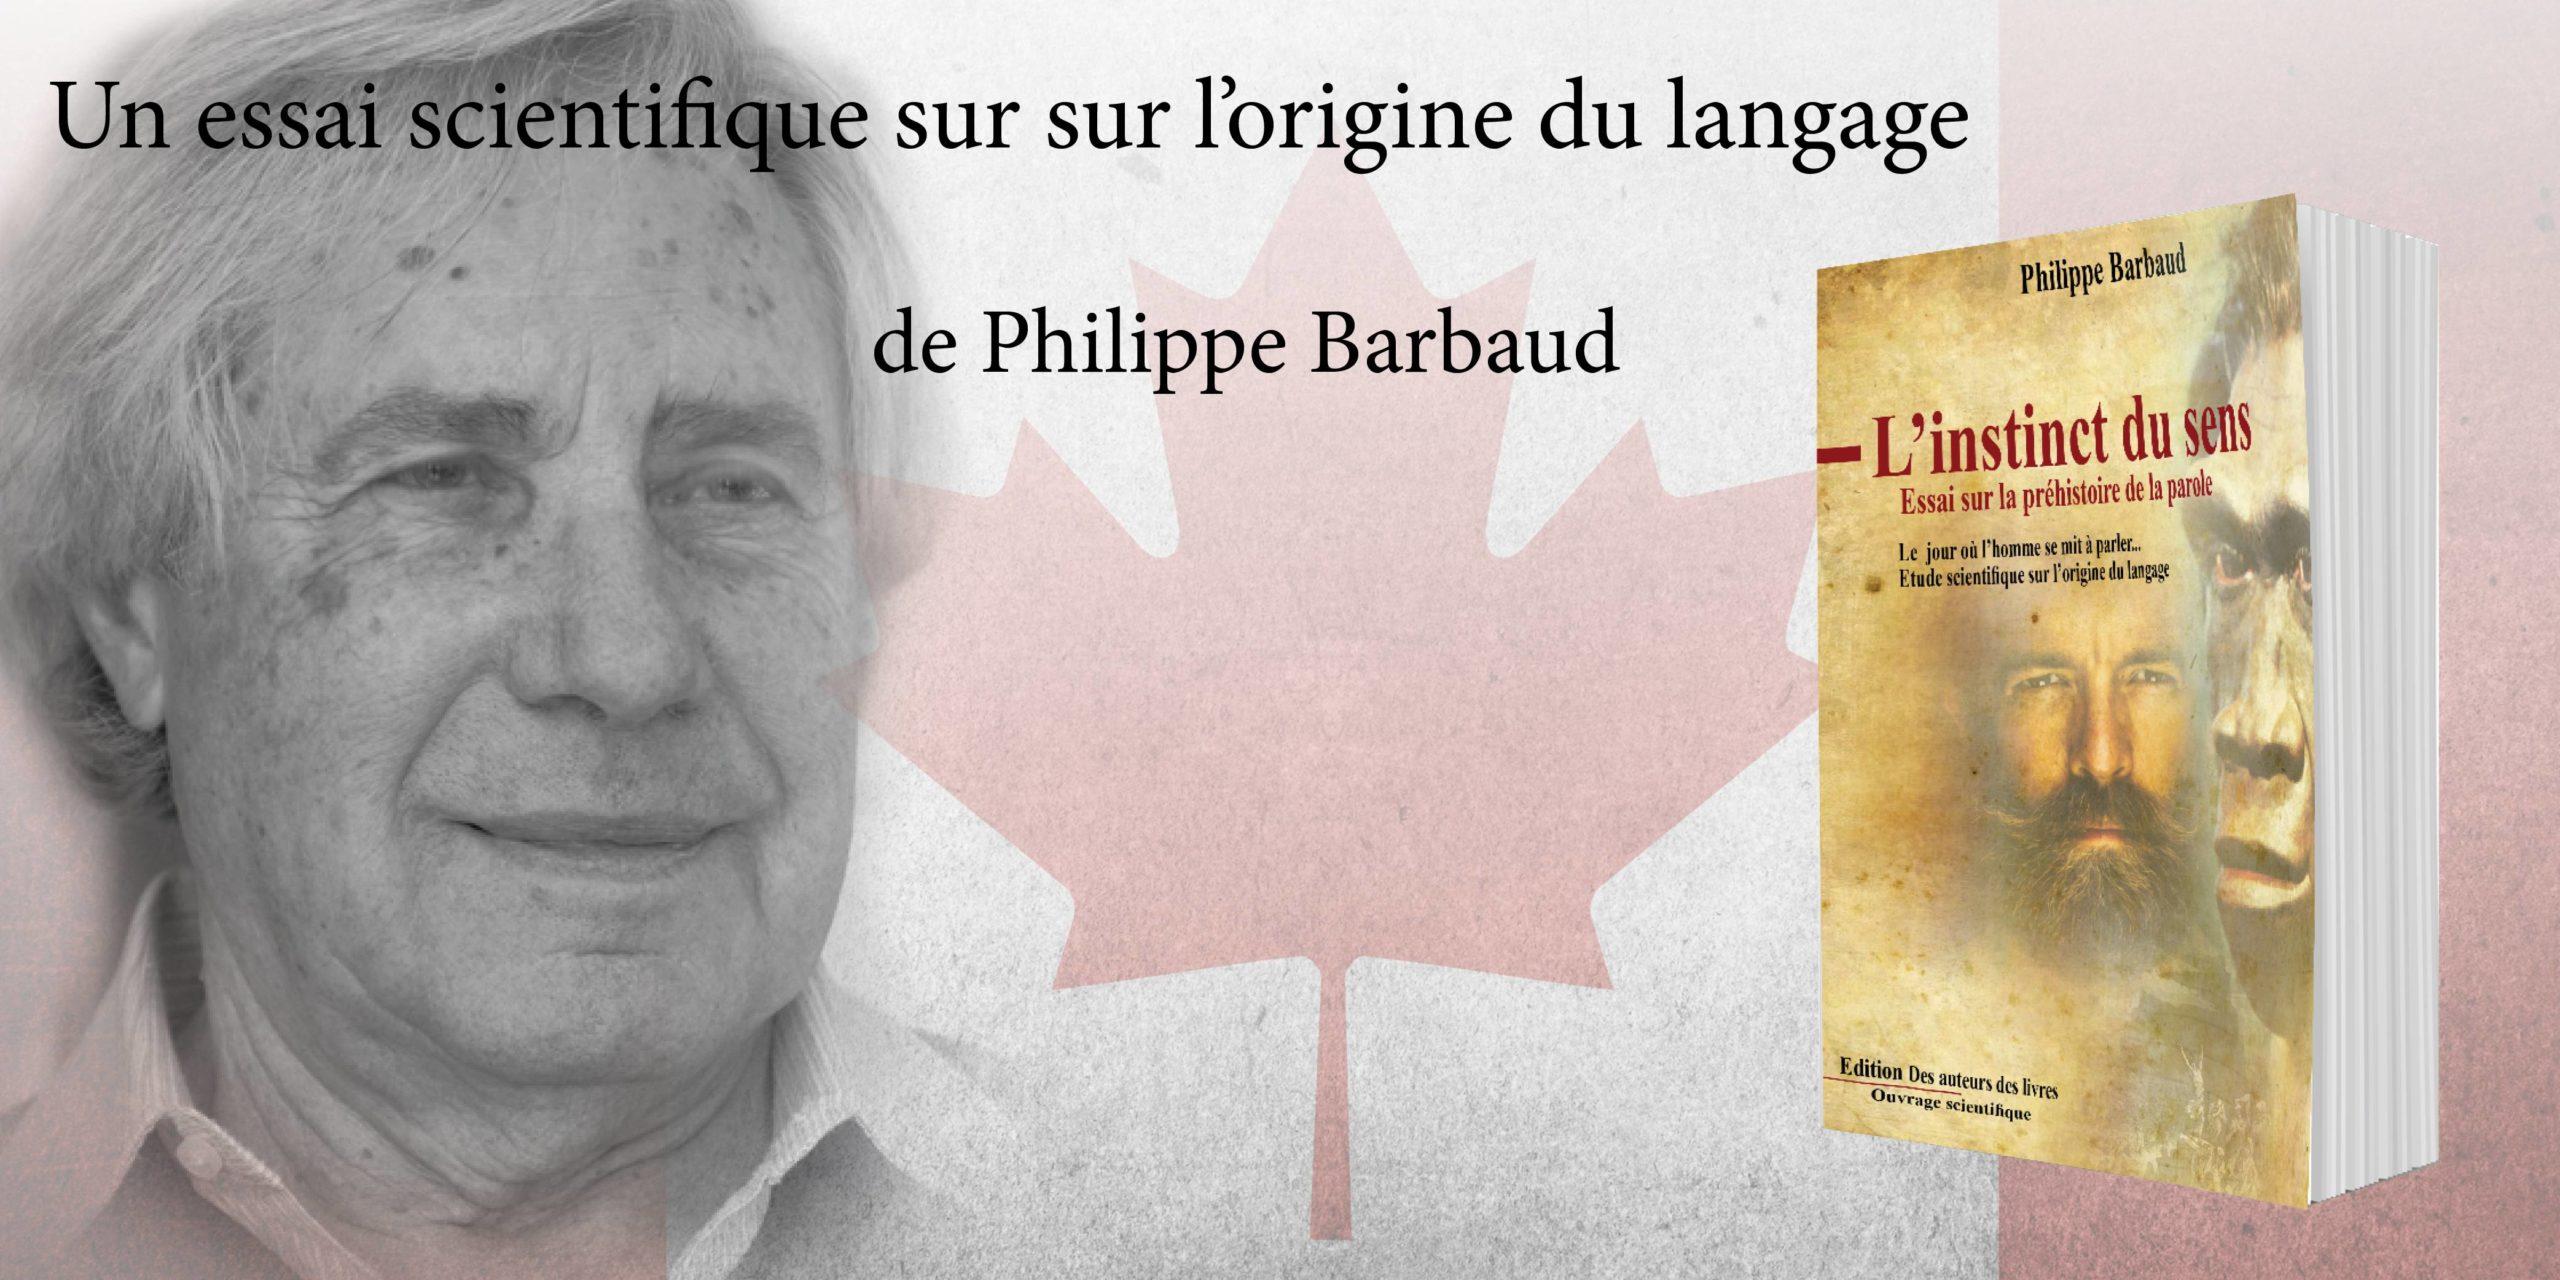 Littérature scientifique : L'instinct du sens – Essai sur la préhistoire de la parole par le linguiste Philippe Barbaud.